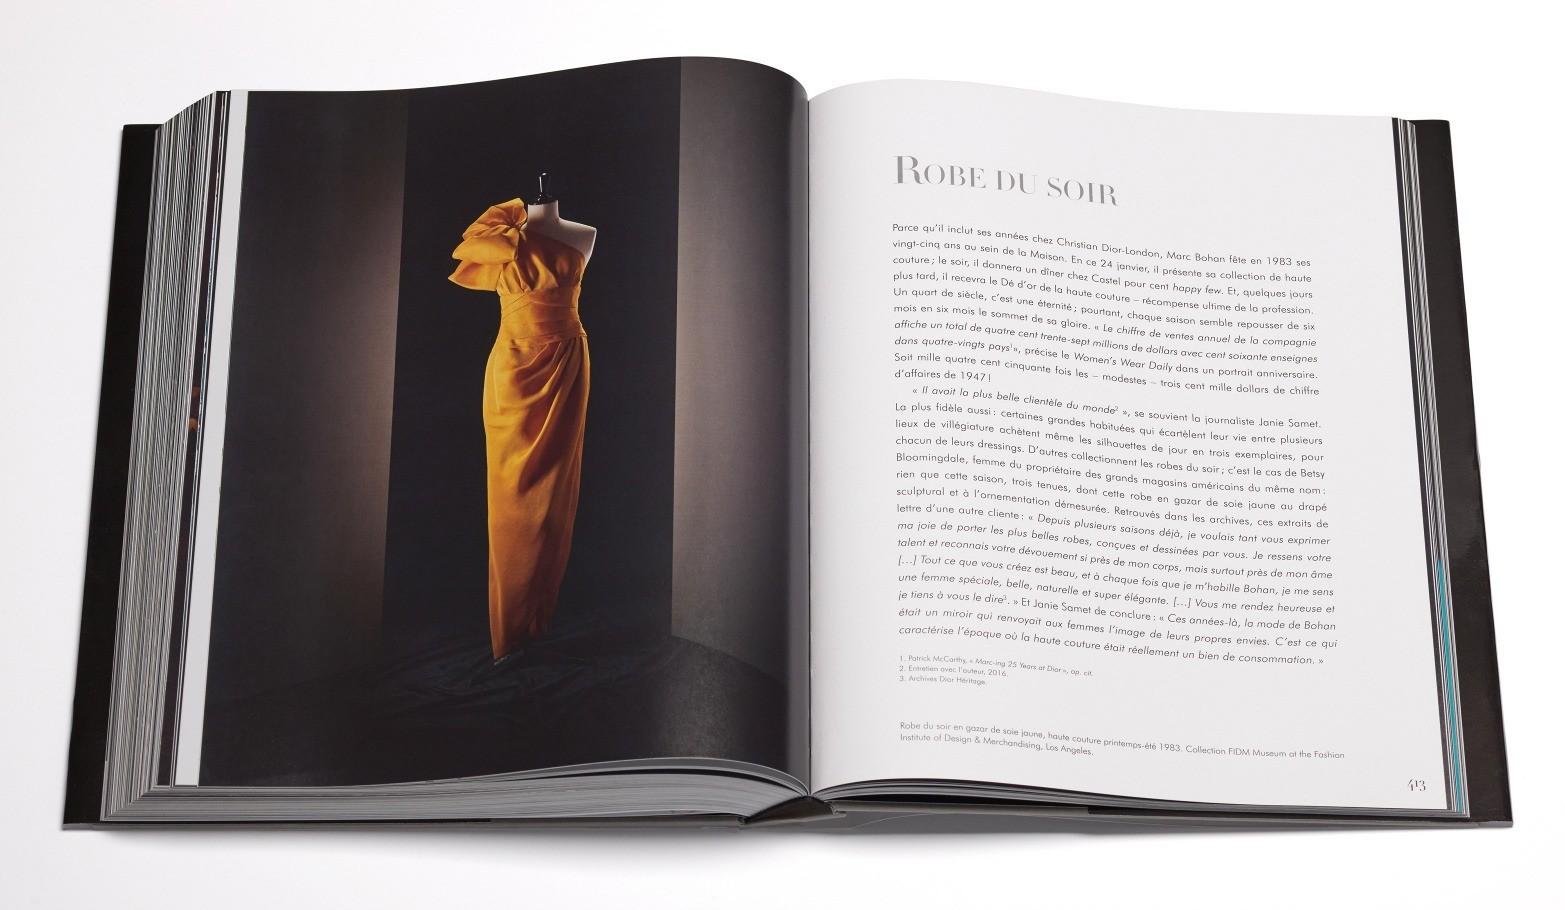 Взяв бразды правления после молодого Сен-Лорана в свои руки, Марк Боан идет за современной женщиной, создает новые силуэты и элементы, сохраняя при этом устоявшиеся традиции Dior.